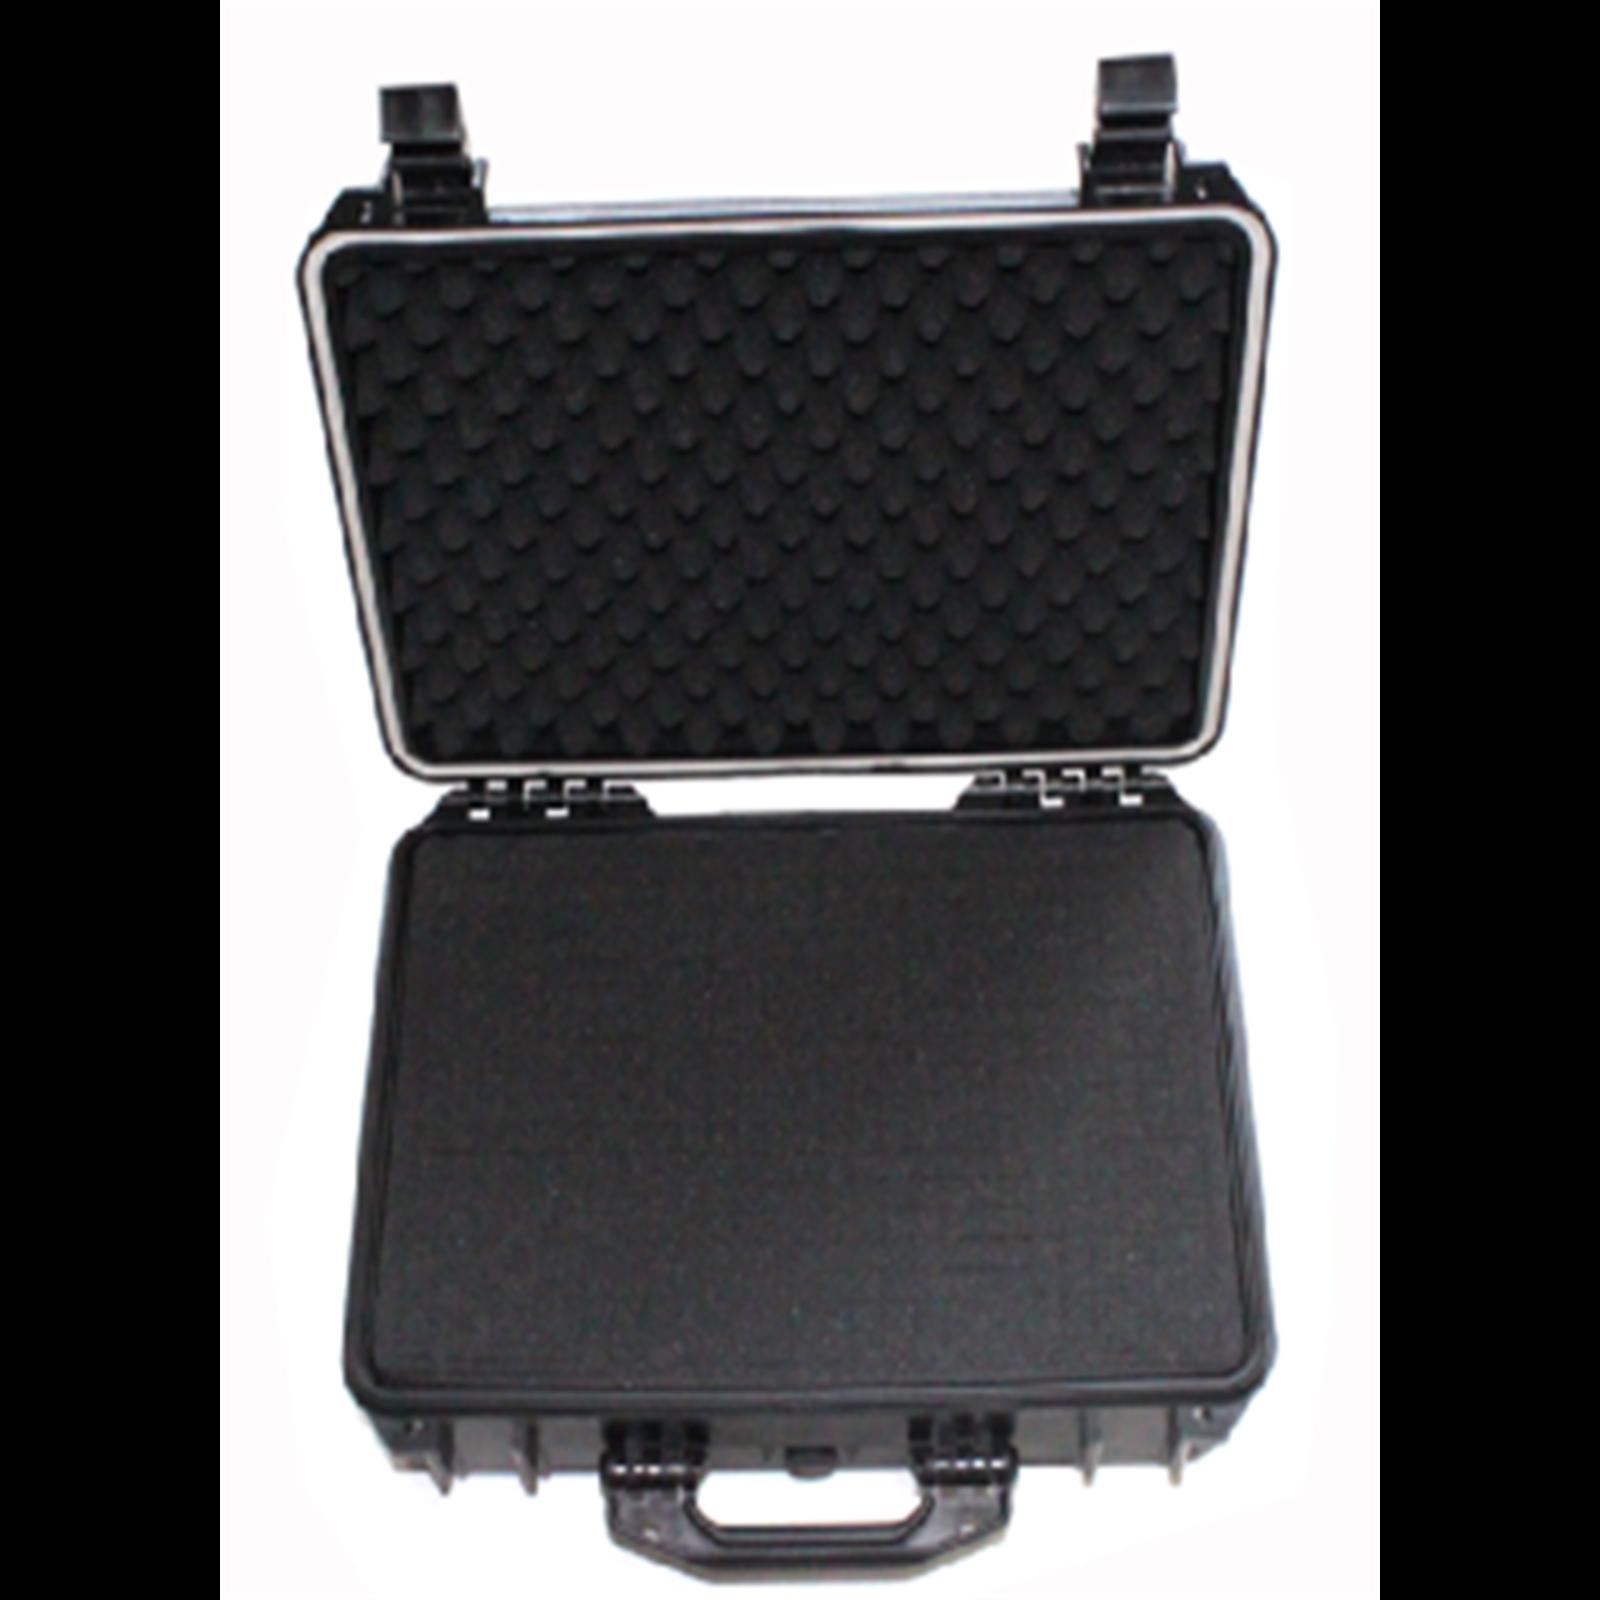 Craftright 465 x 360 x 175mm Safe Case